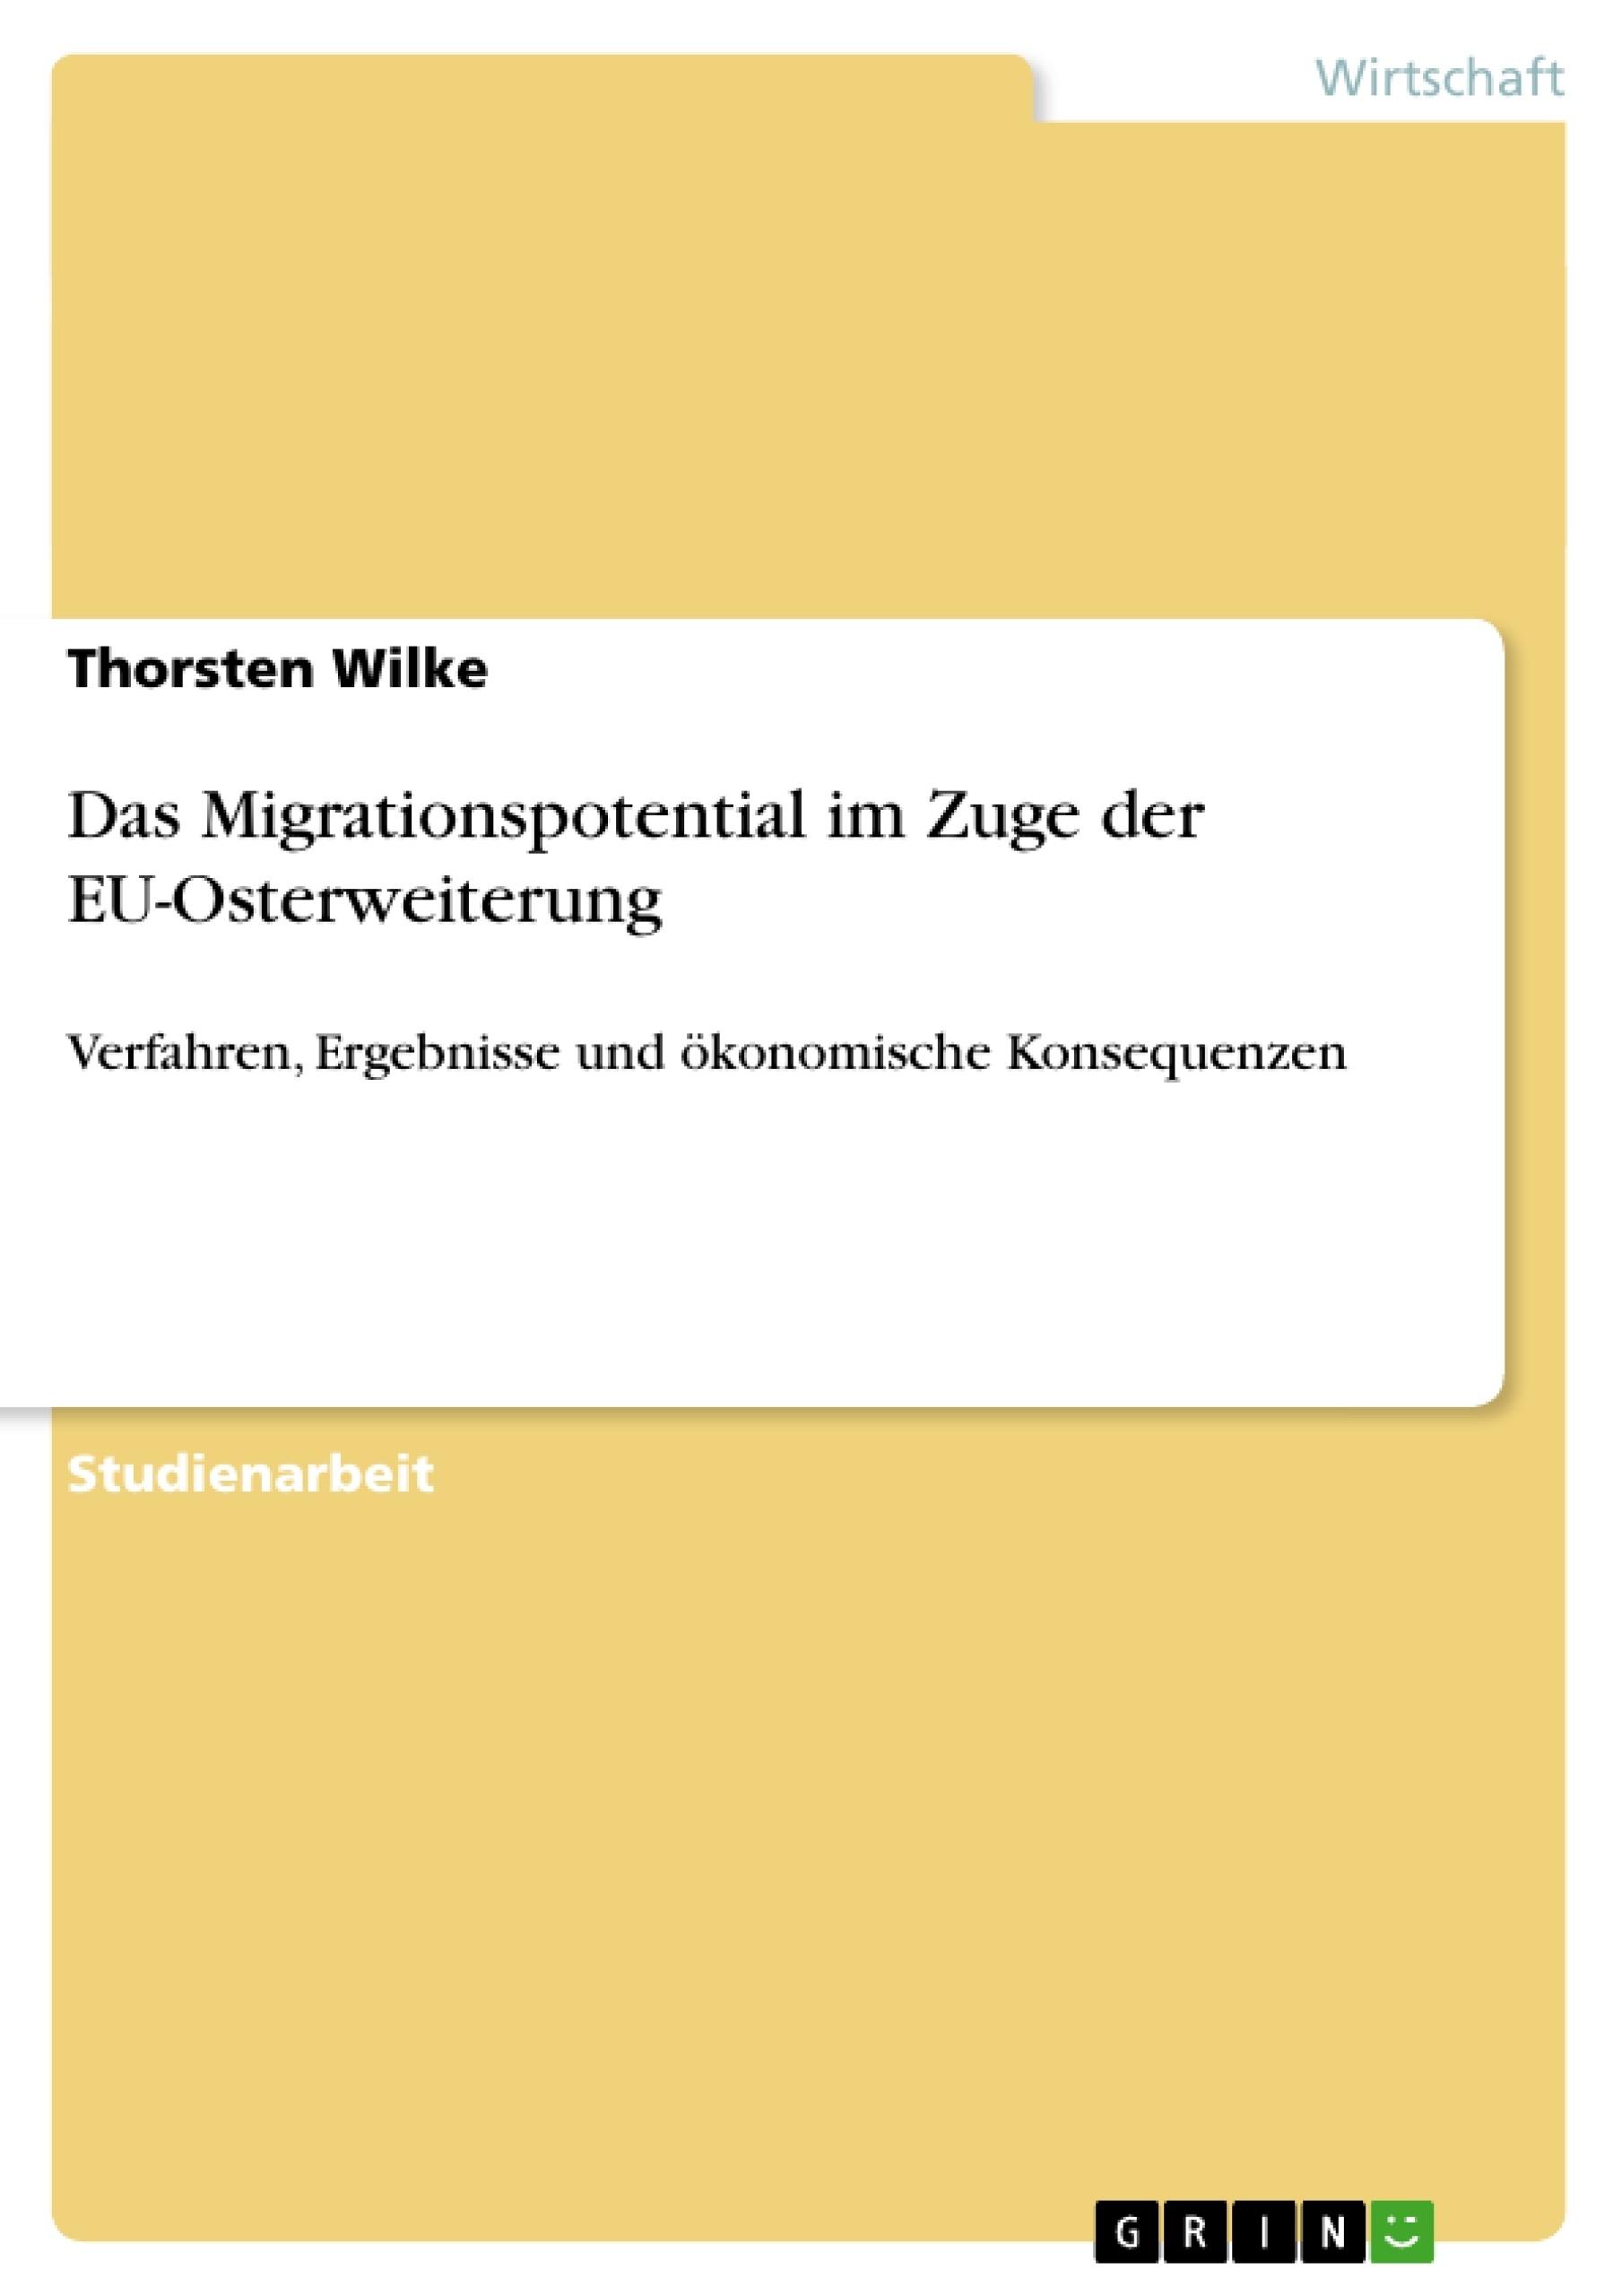 Titel: Das Migrationspotential im Zuge der EU-Osterweiterung